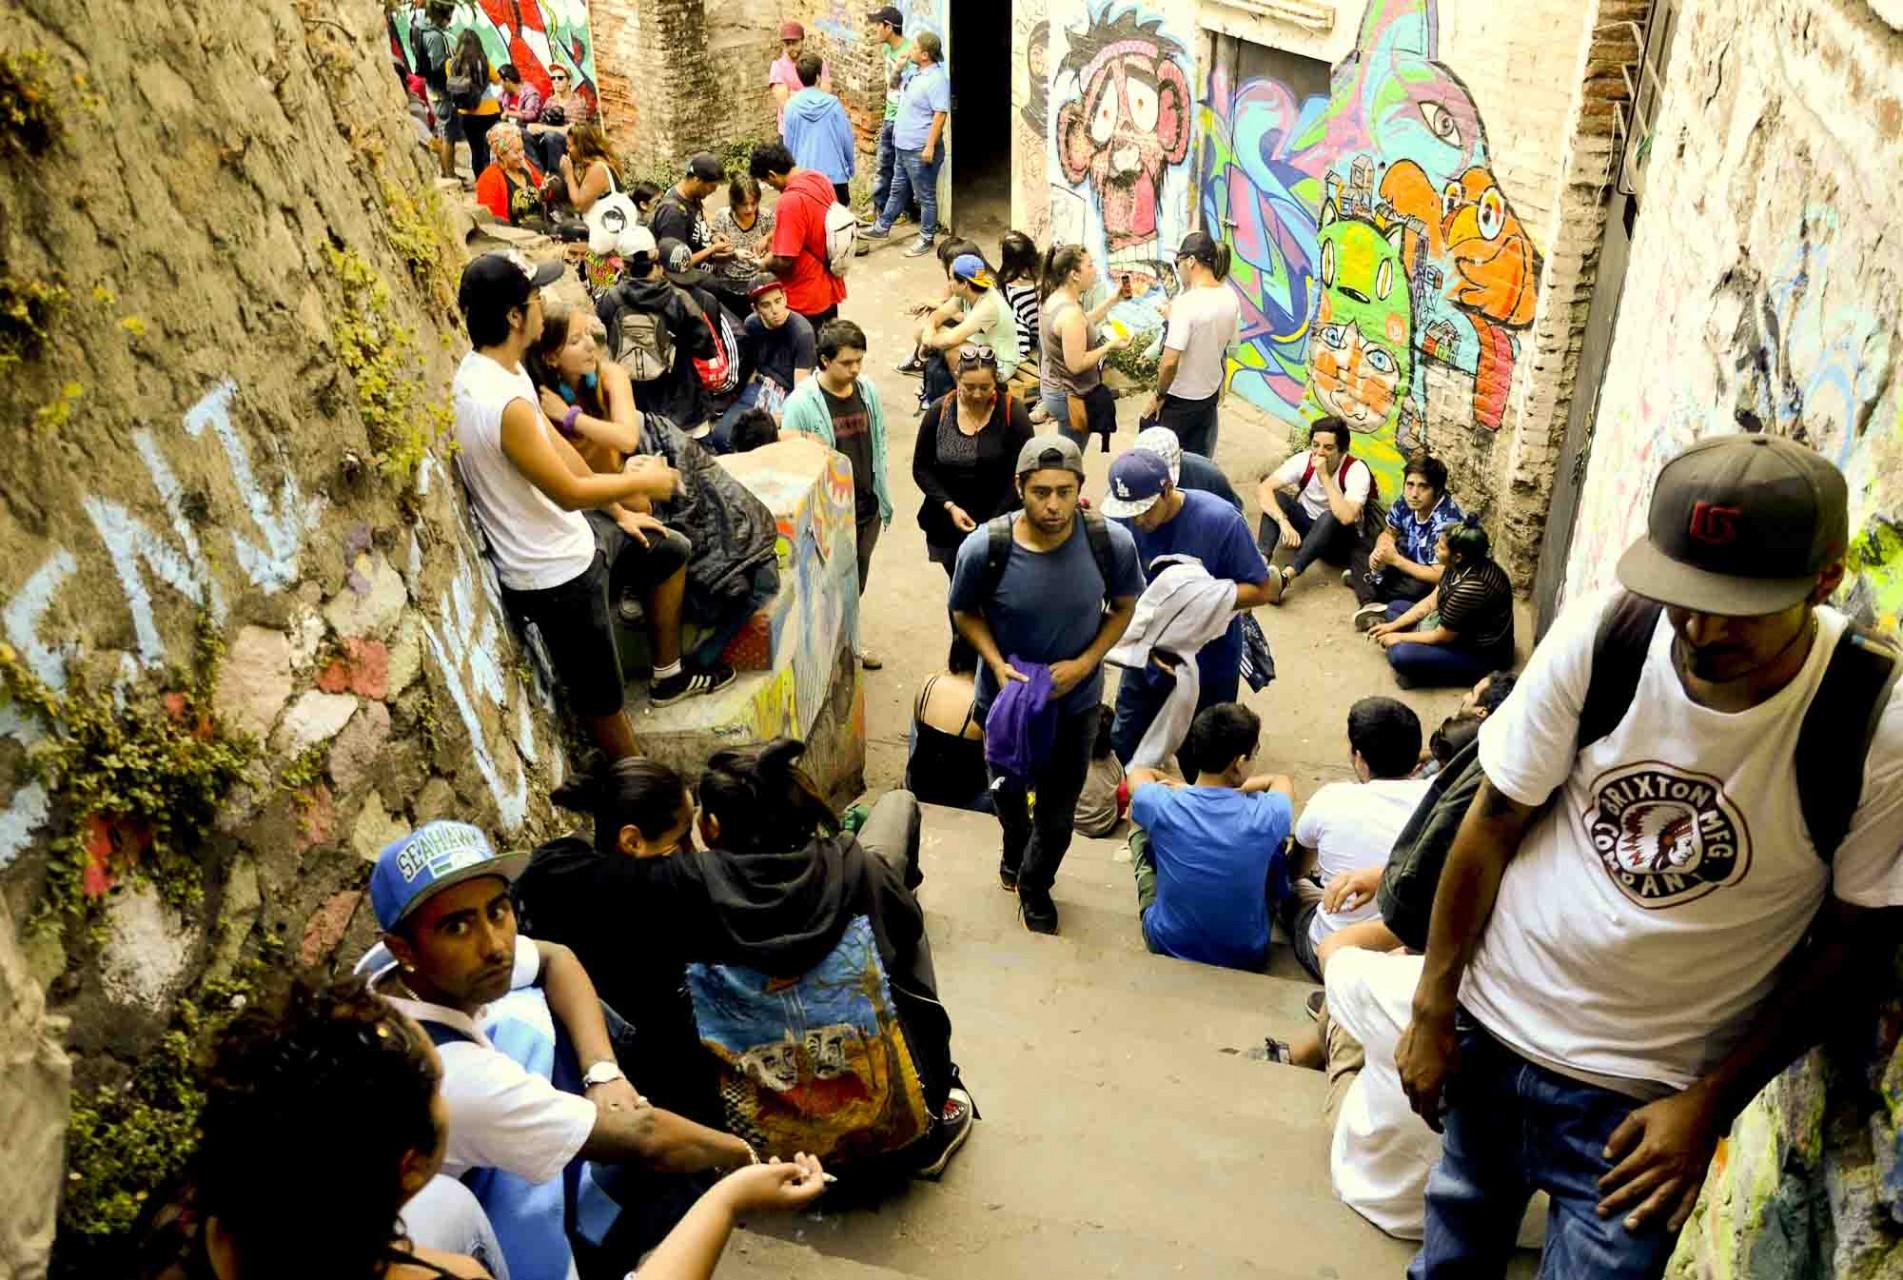 El pueblo musical llegó en masa a lugares que se suman como el Centro Cultural Trafón.